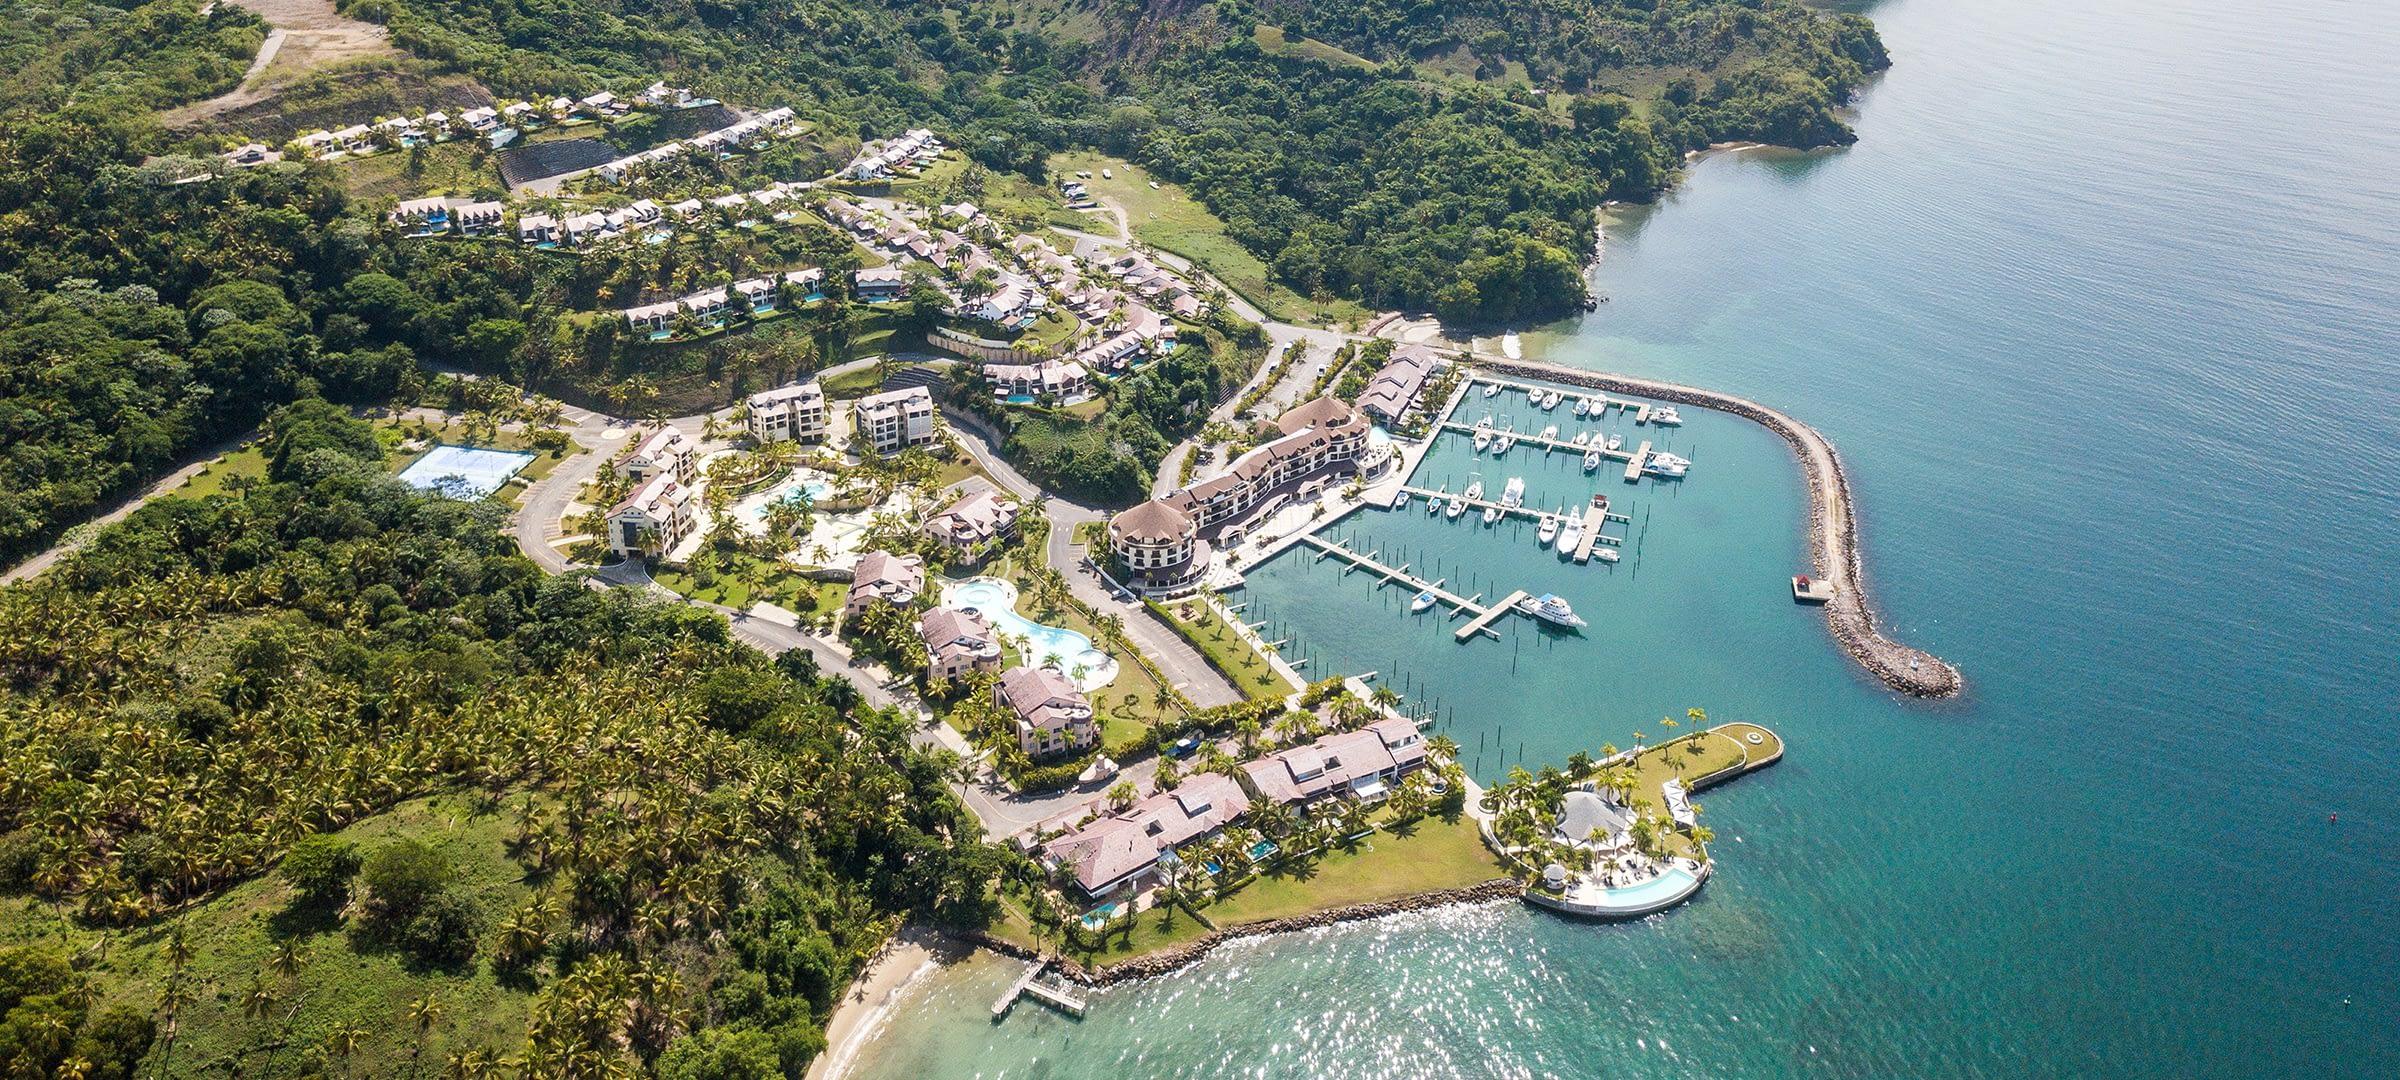 Dominican Republic Tourism Board